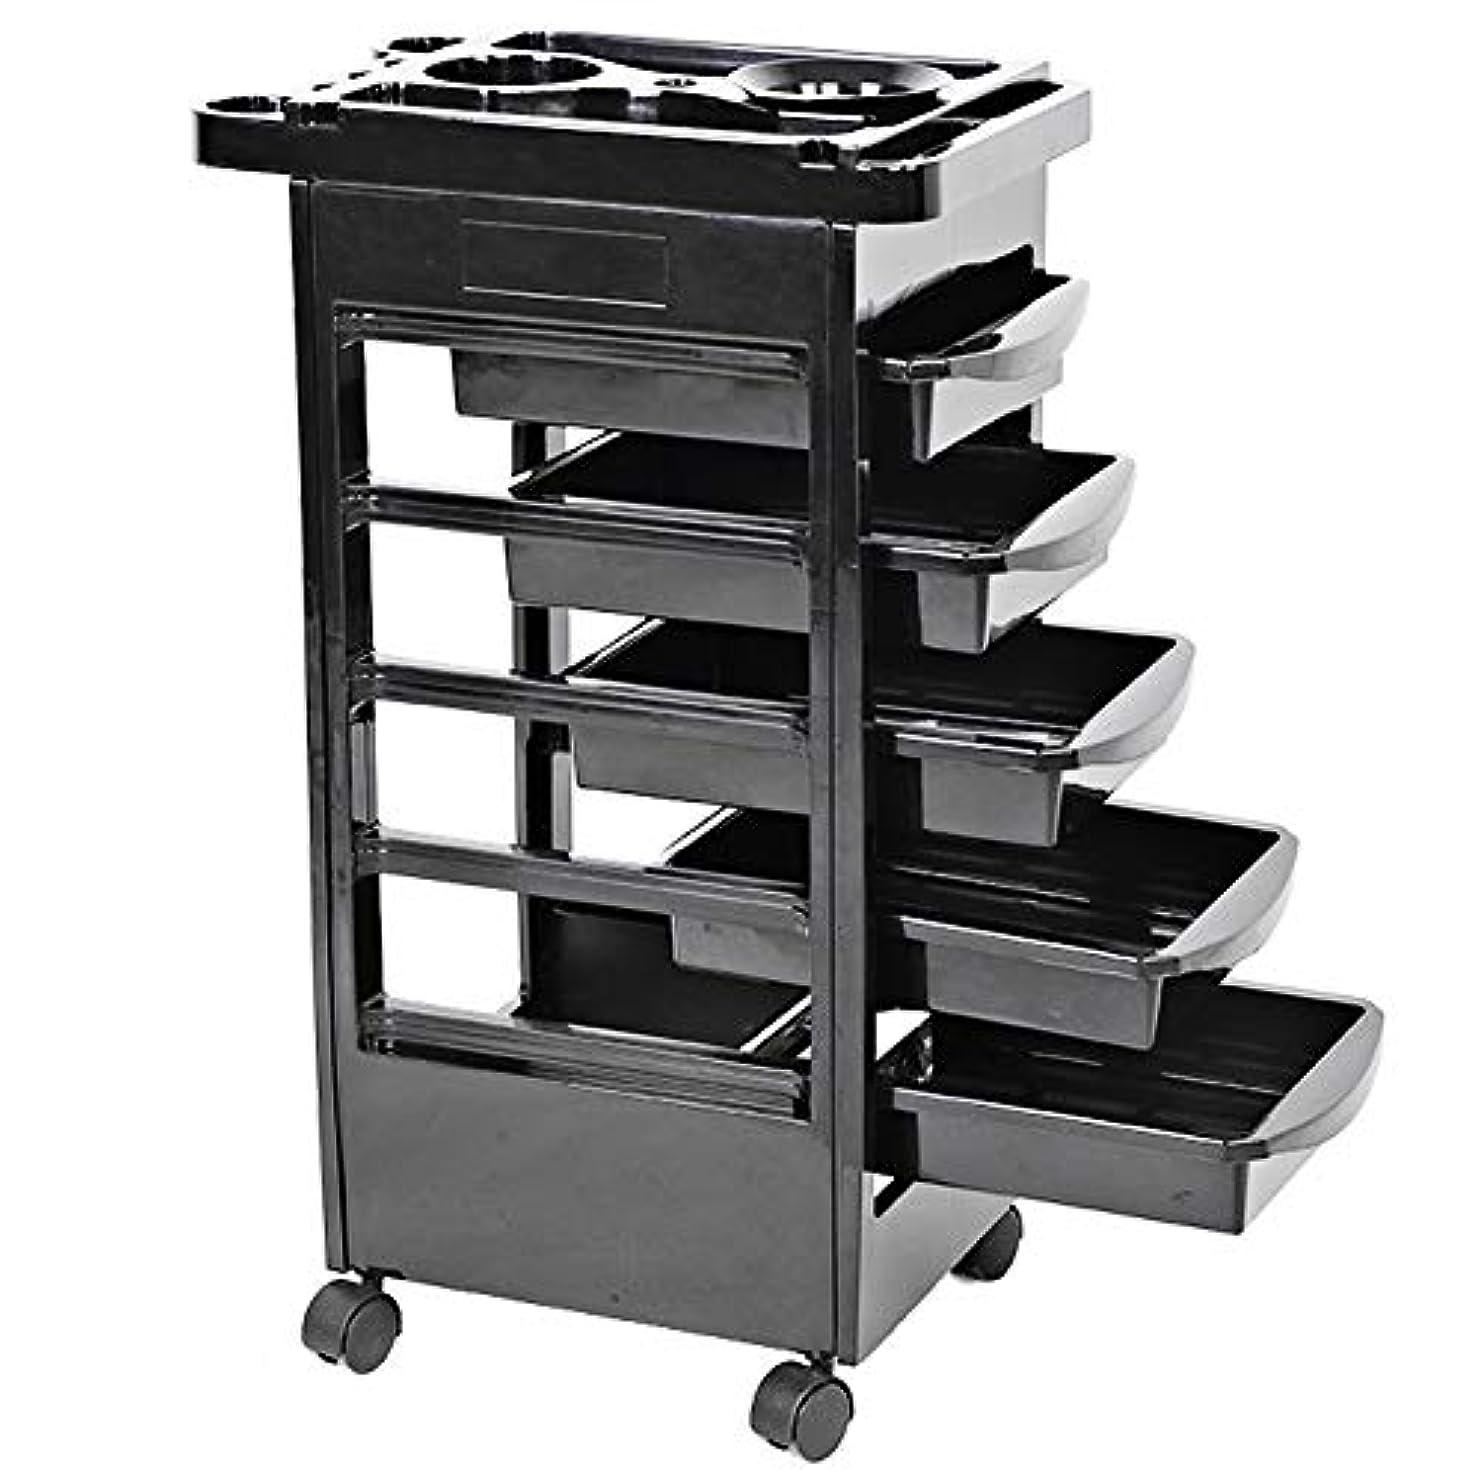 器械の皿の貯蔵、5つの引出しが付いているヘアーサロンの器械の貯蔵のカートの調節可能な高さのトロリー美用具、ヘアーサロンのトロリー